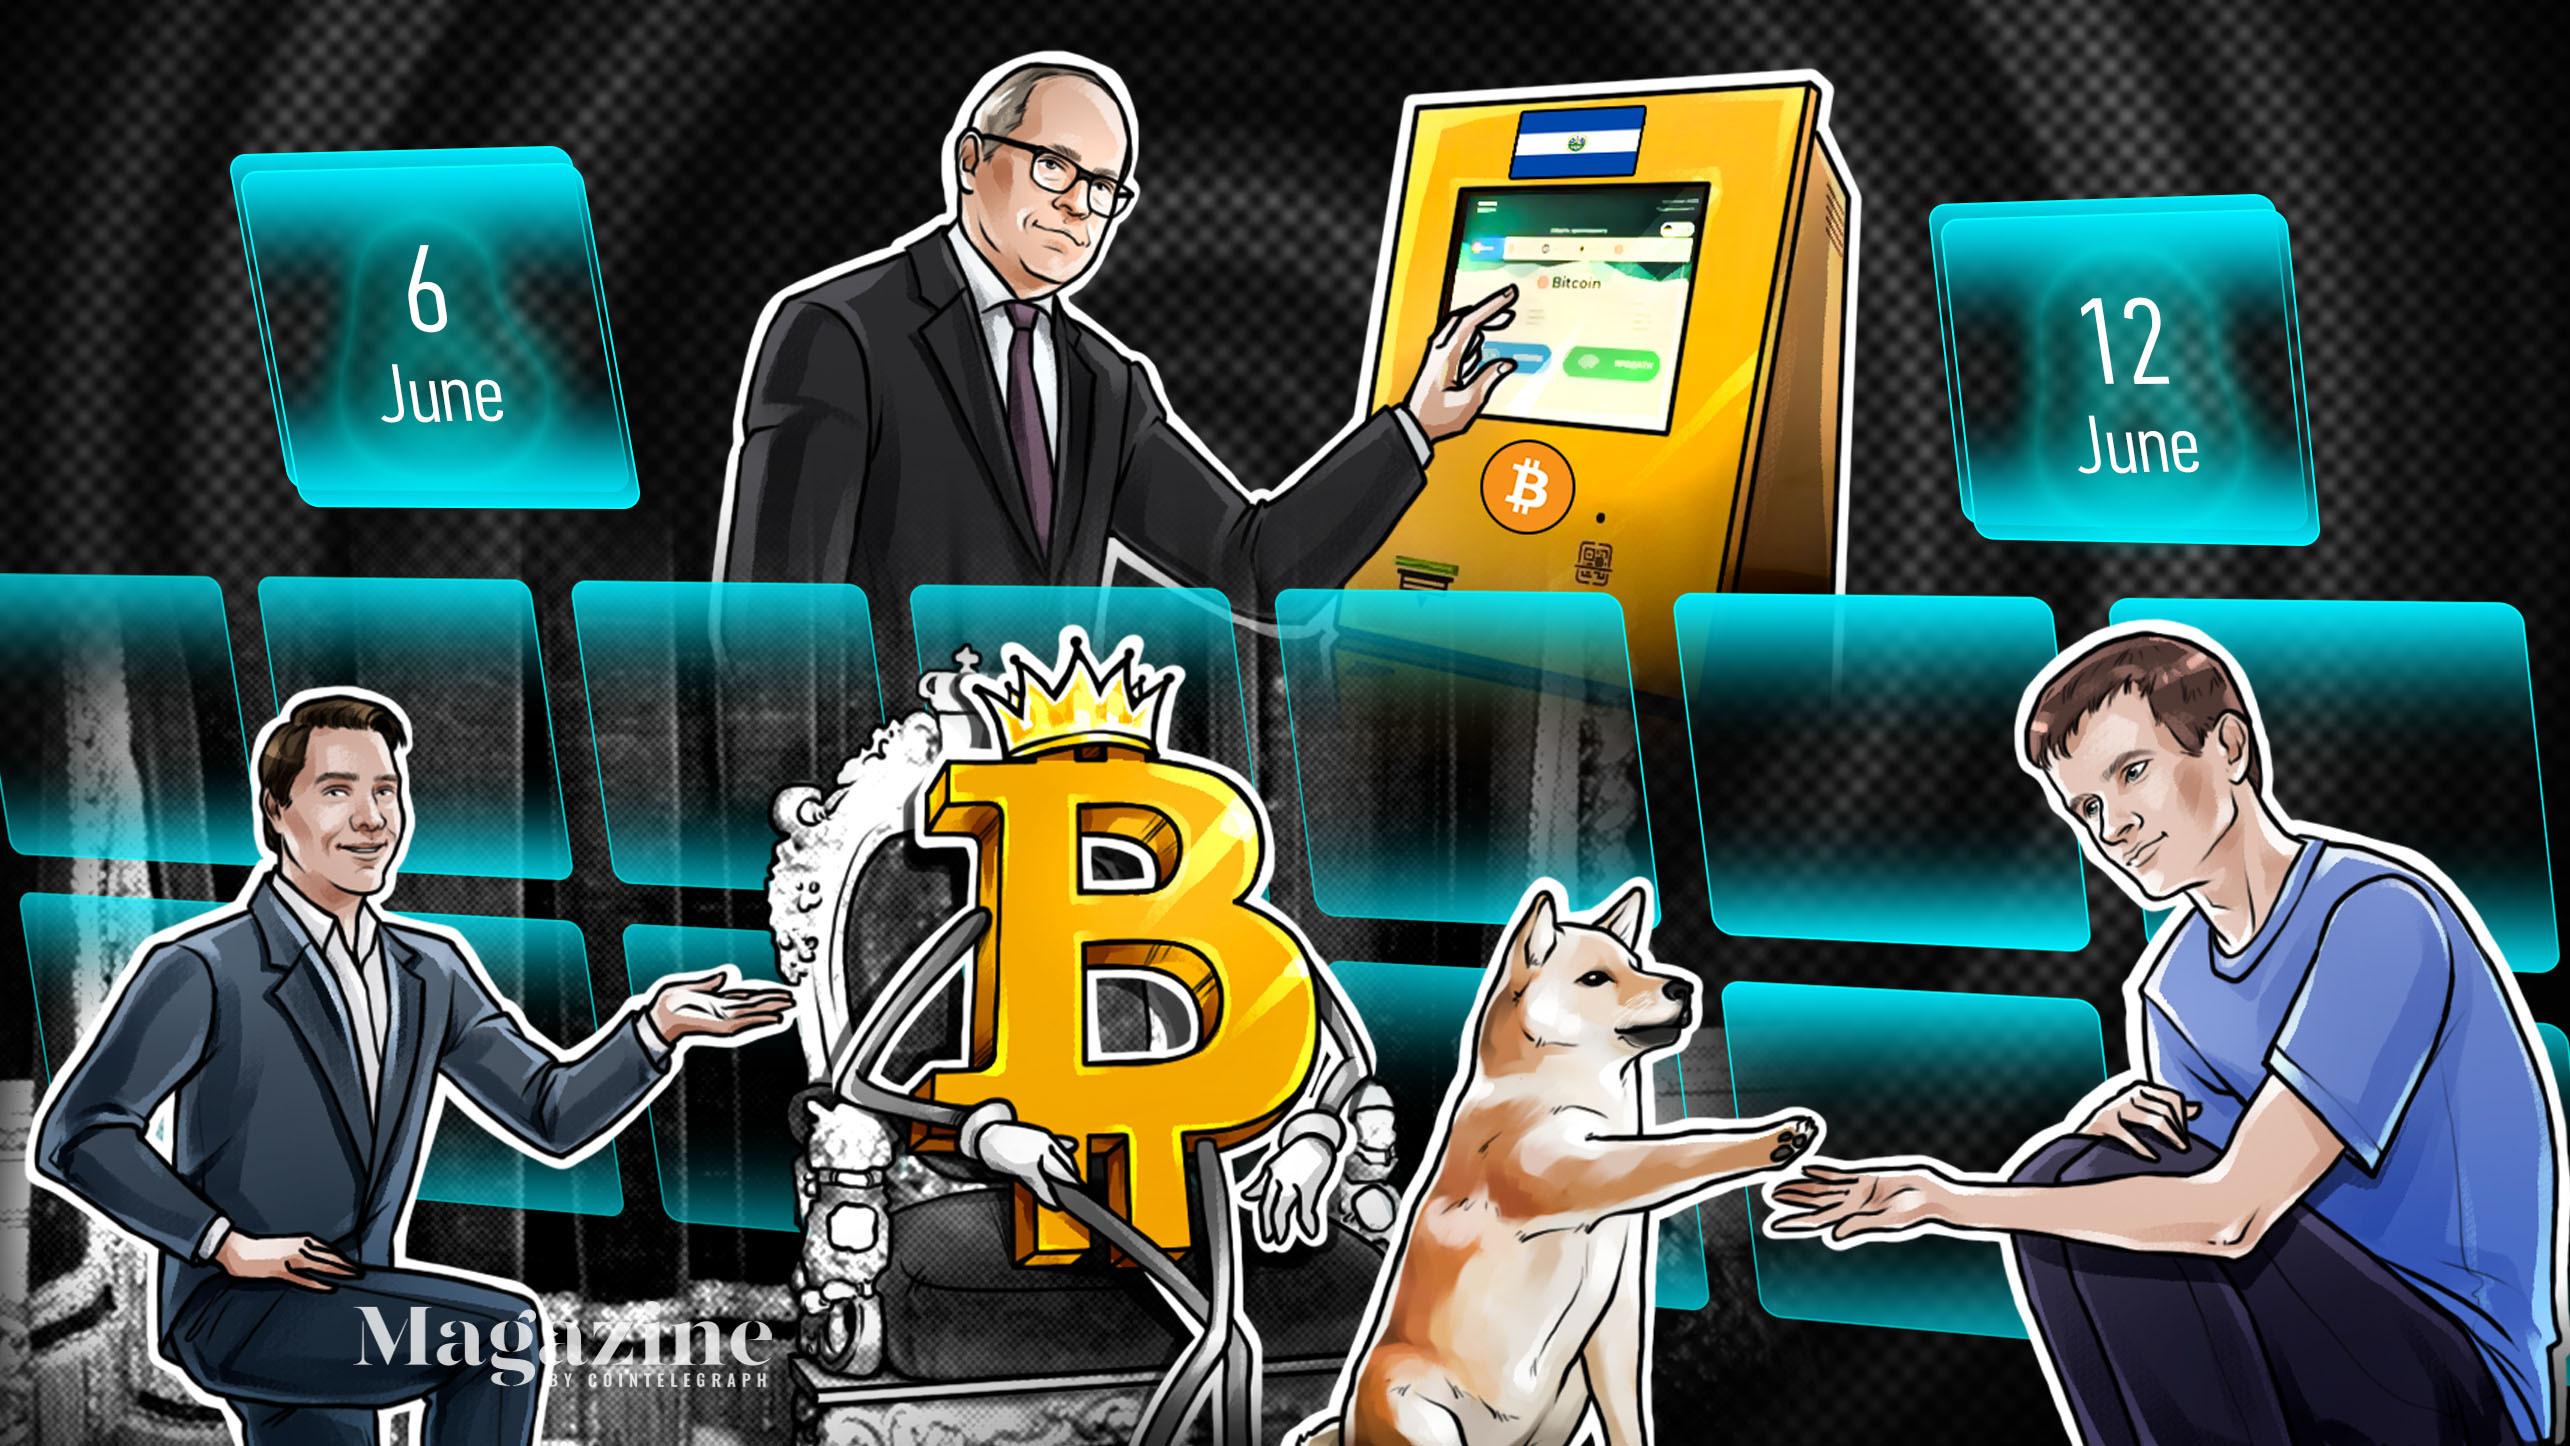 Bitcoin under threat, El Salvador rejected, Mark Cuban stung, McAfee 'has not...